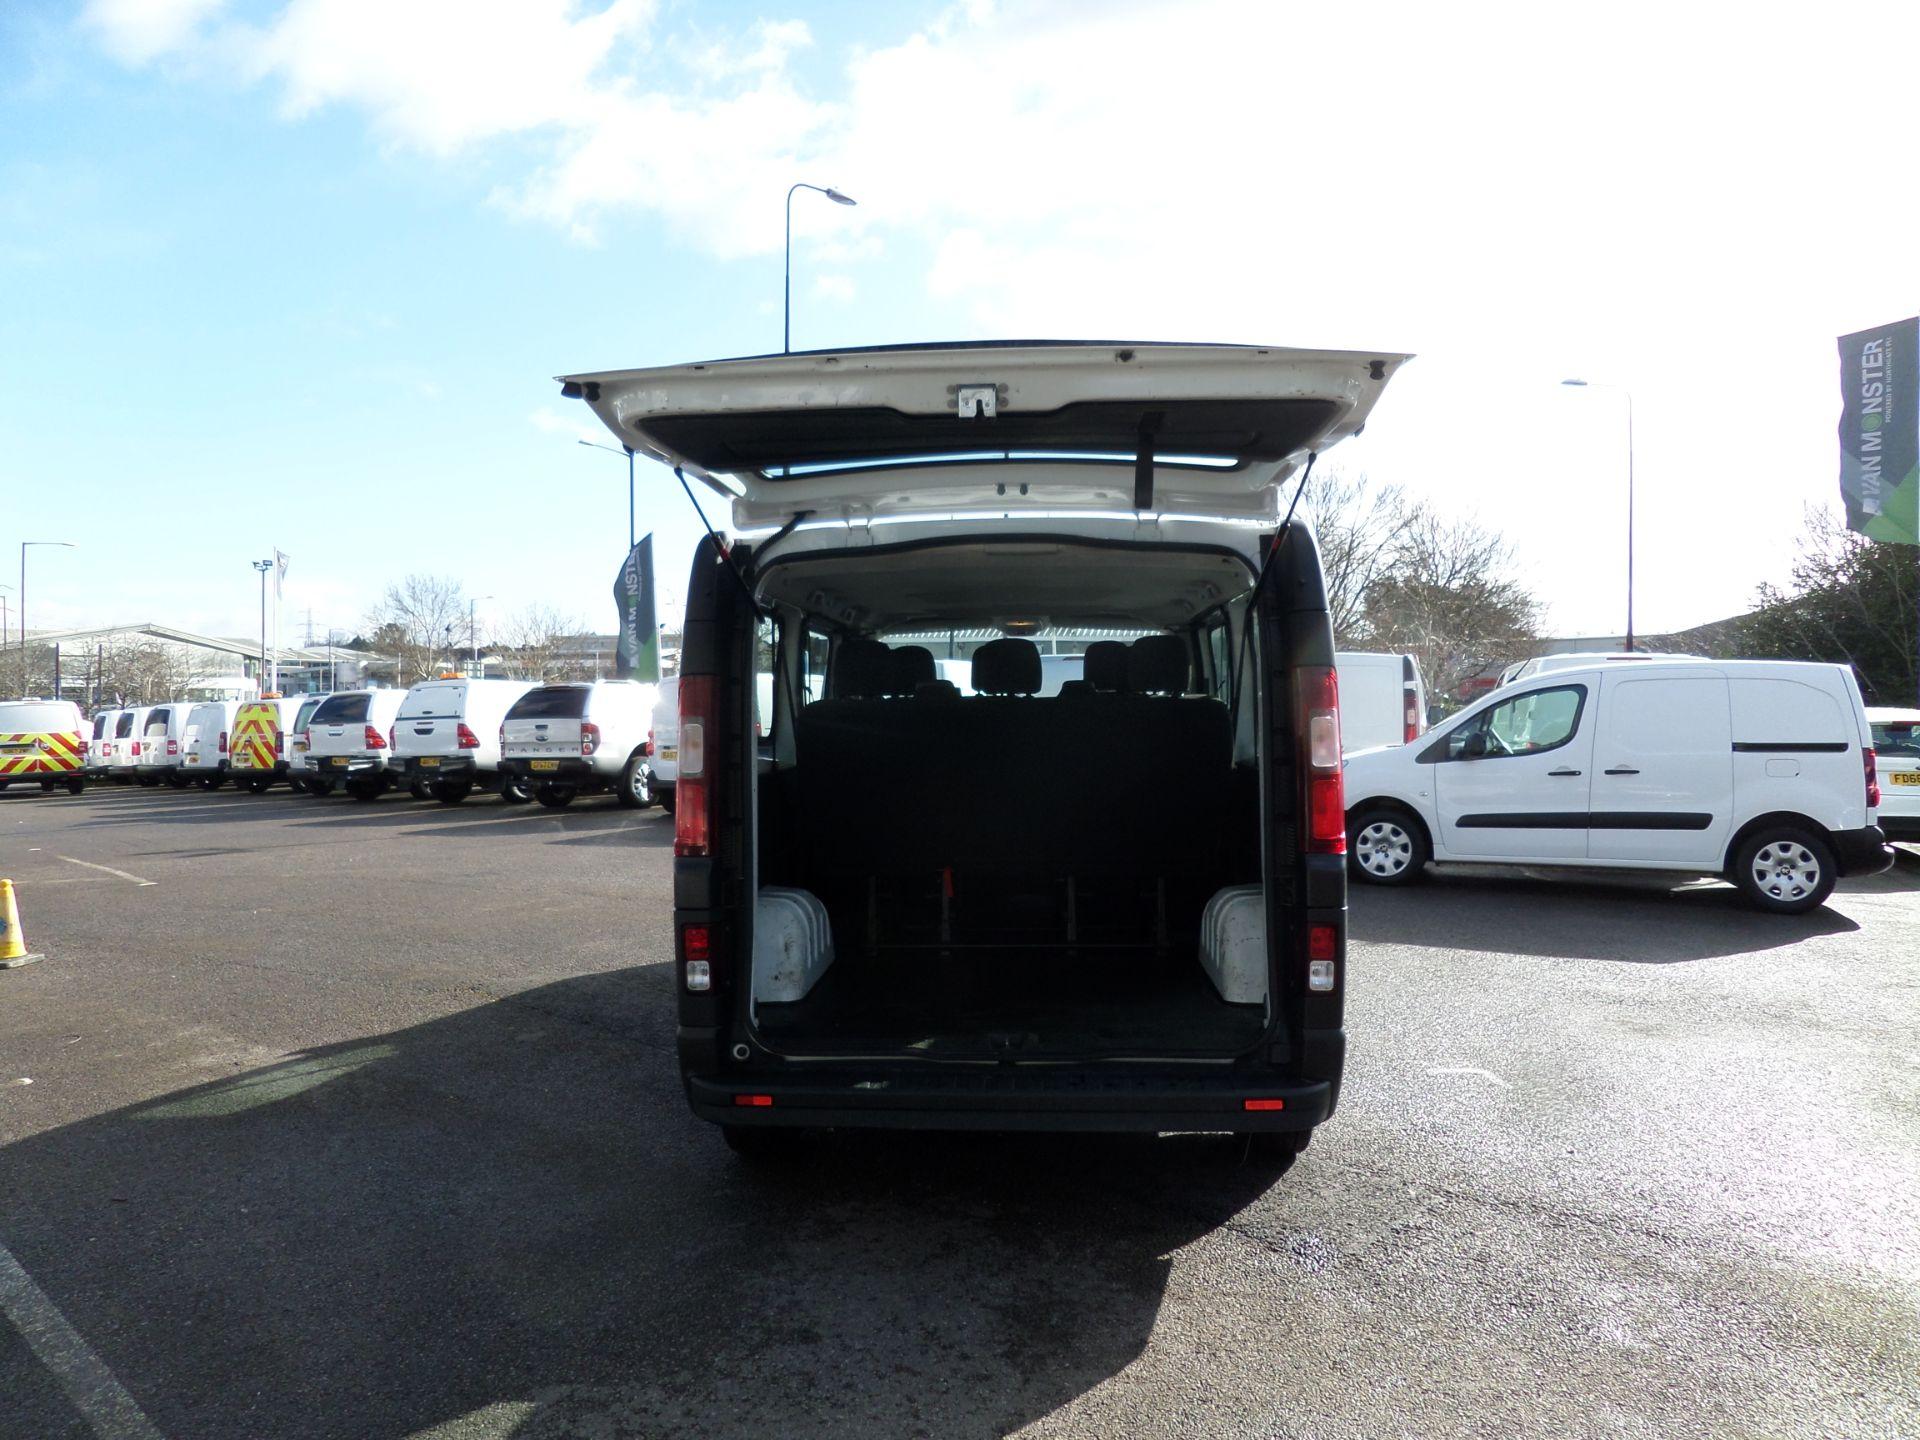 2017 Vauxhall Vivaro 2900 1.6Cdti Biturbo 125Ps H1 Combi 9 Seat (NO VAT) 70mph Limited (DY17UTV) Image 4